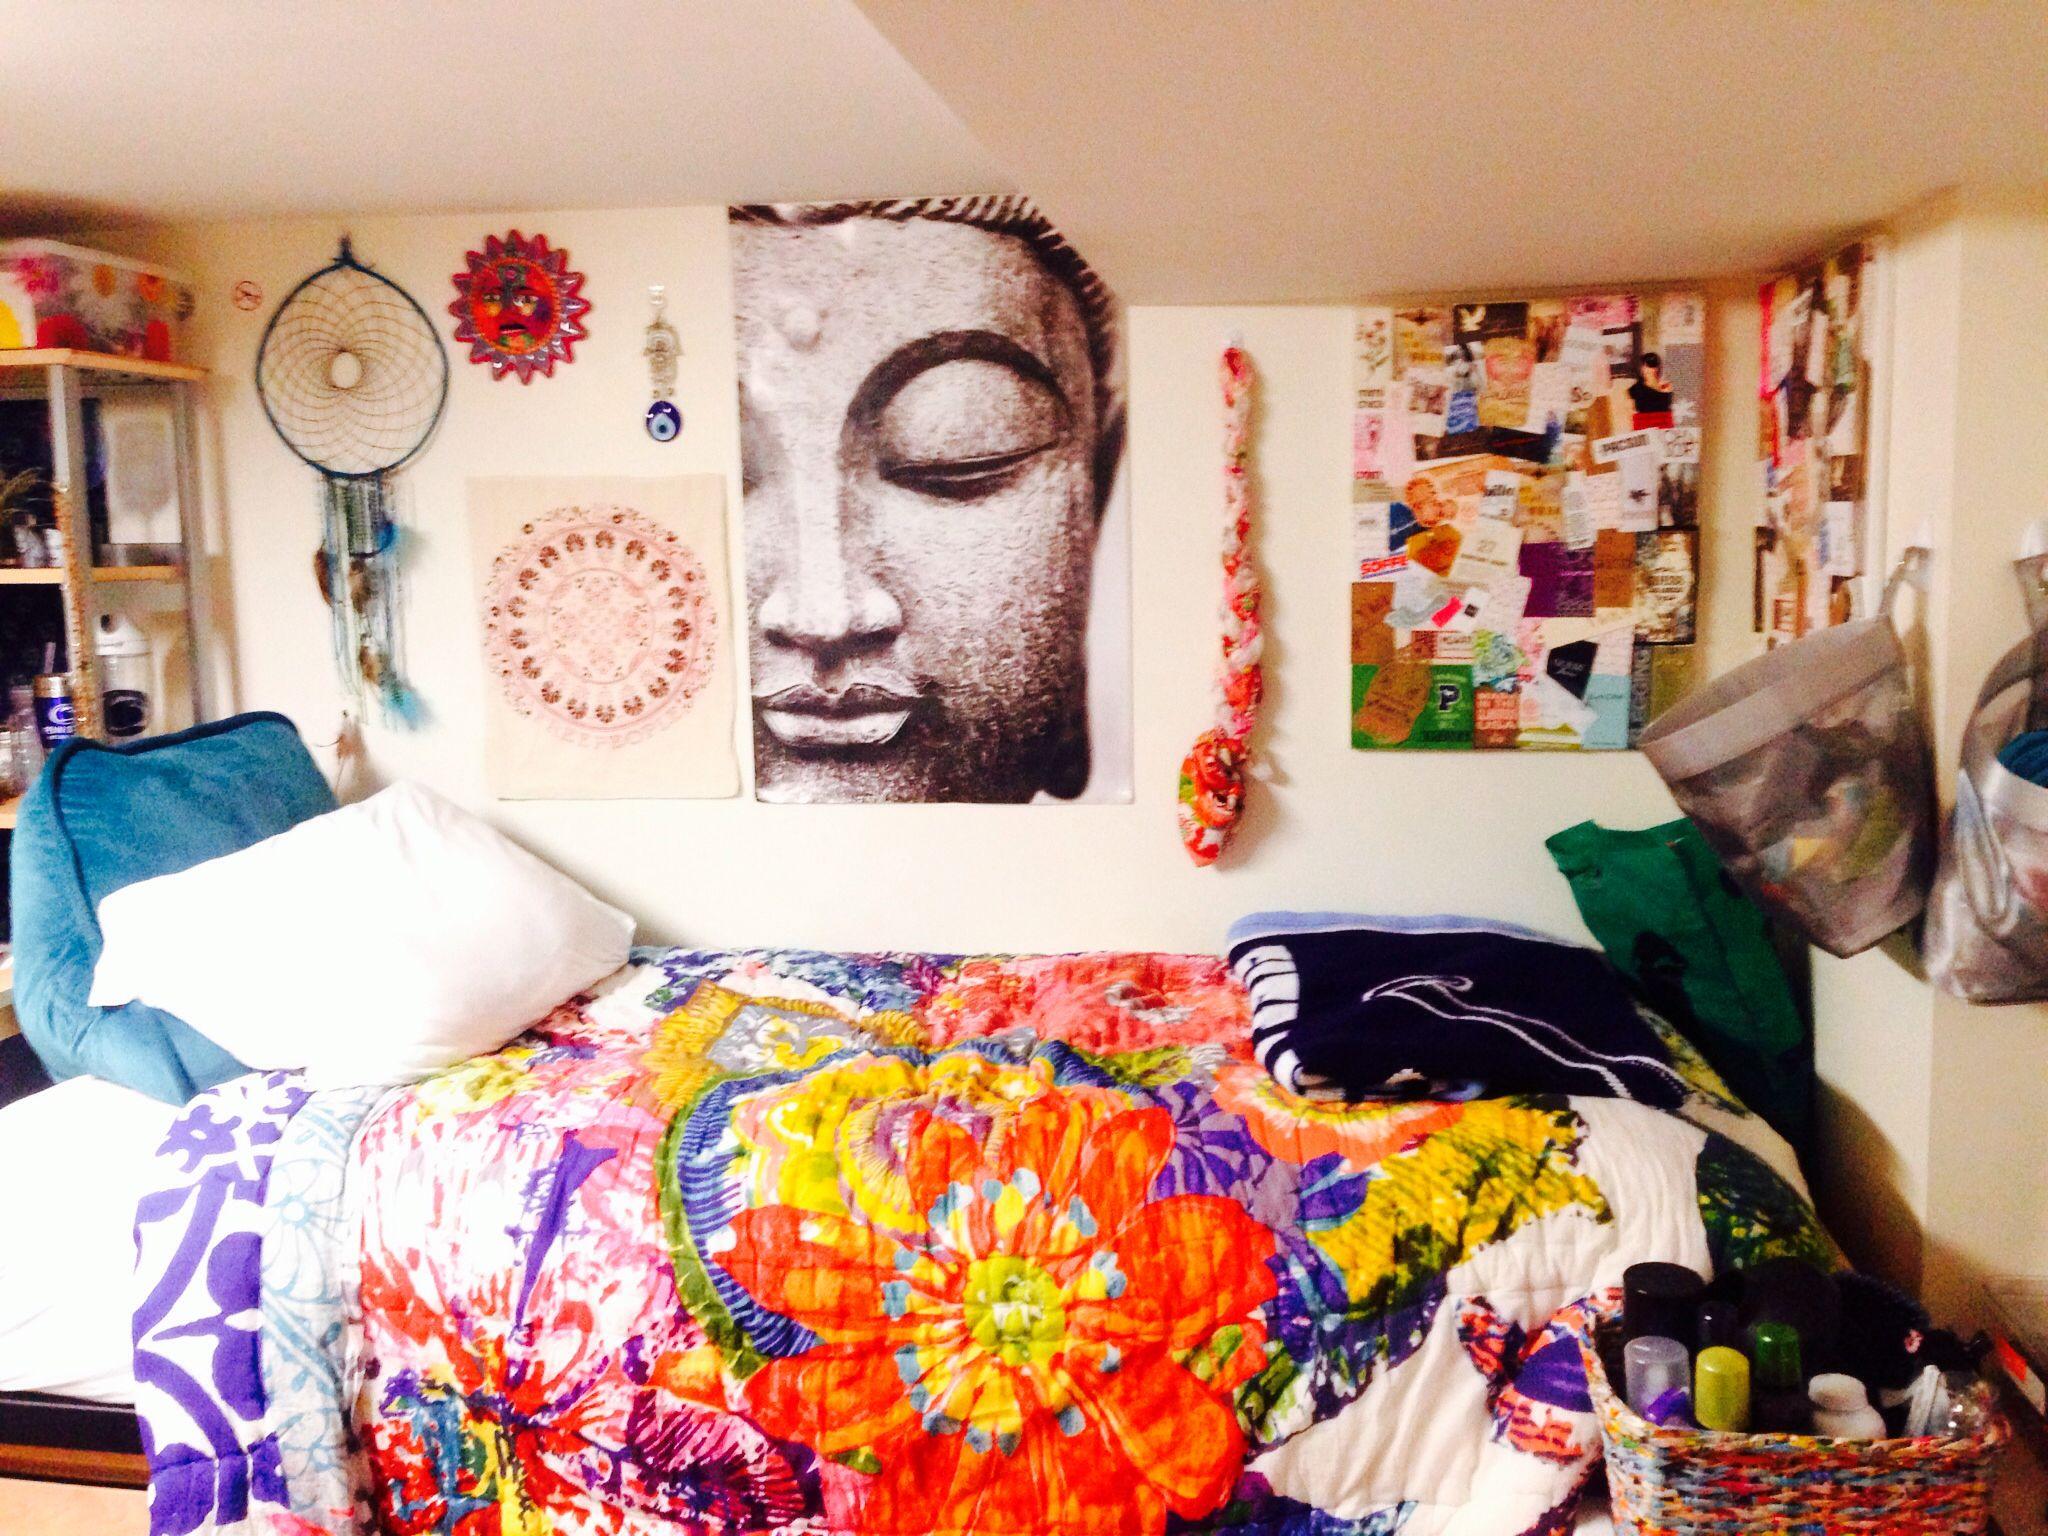 25 Well-Designed Dorm Rooms to Inspire You | Kollegen, Deko ideen ...